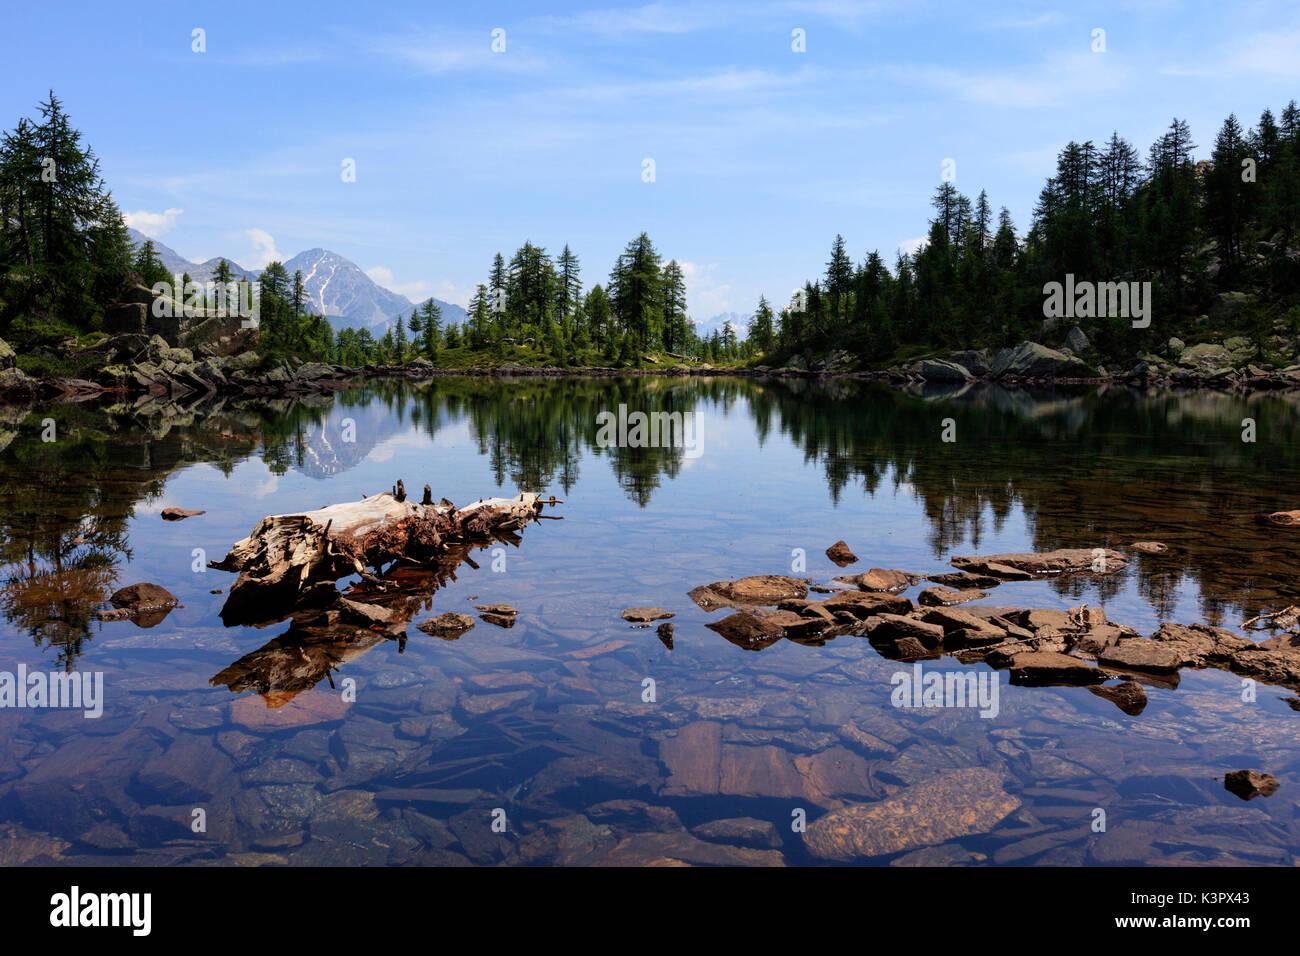 Sul Lago Grande tra Laguzzolo e Alpe Lendine, Valle del Drogo, valchiavenna, Sondrio, Lombardia, Italia Foto Stock